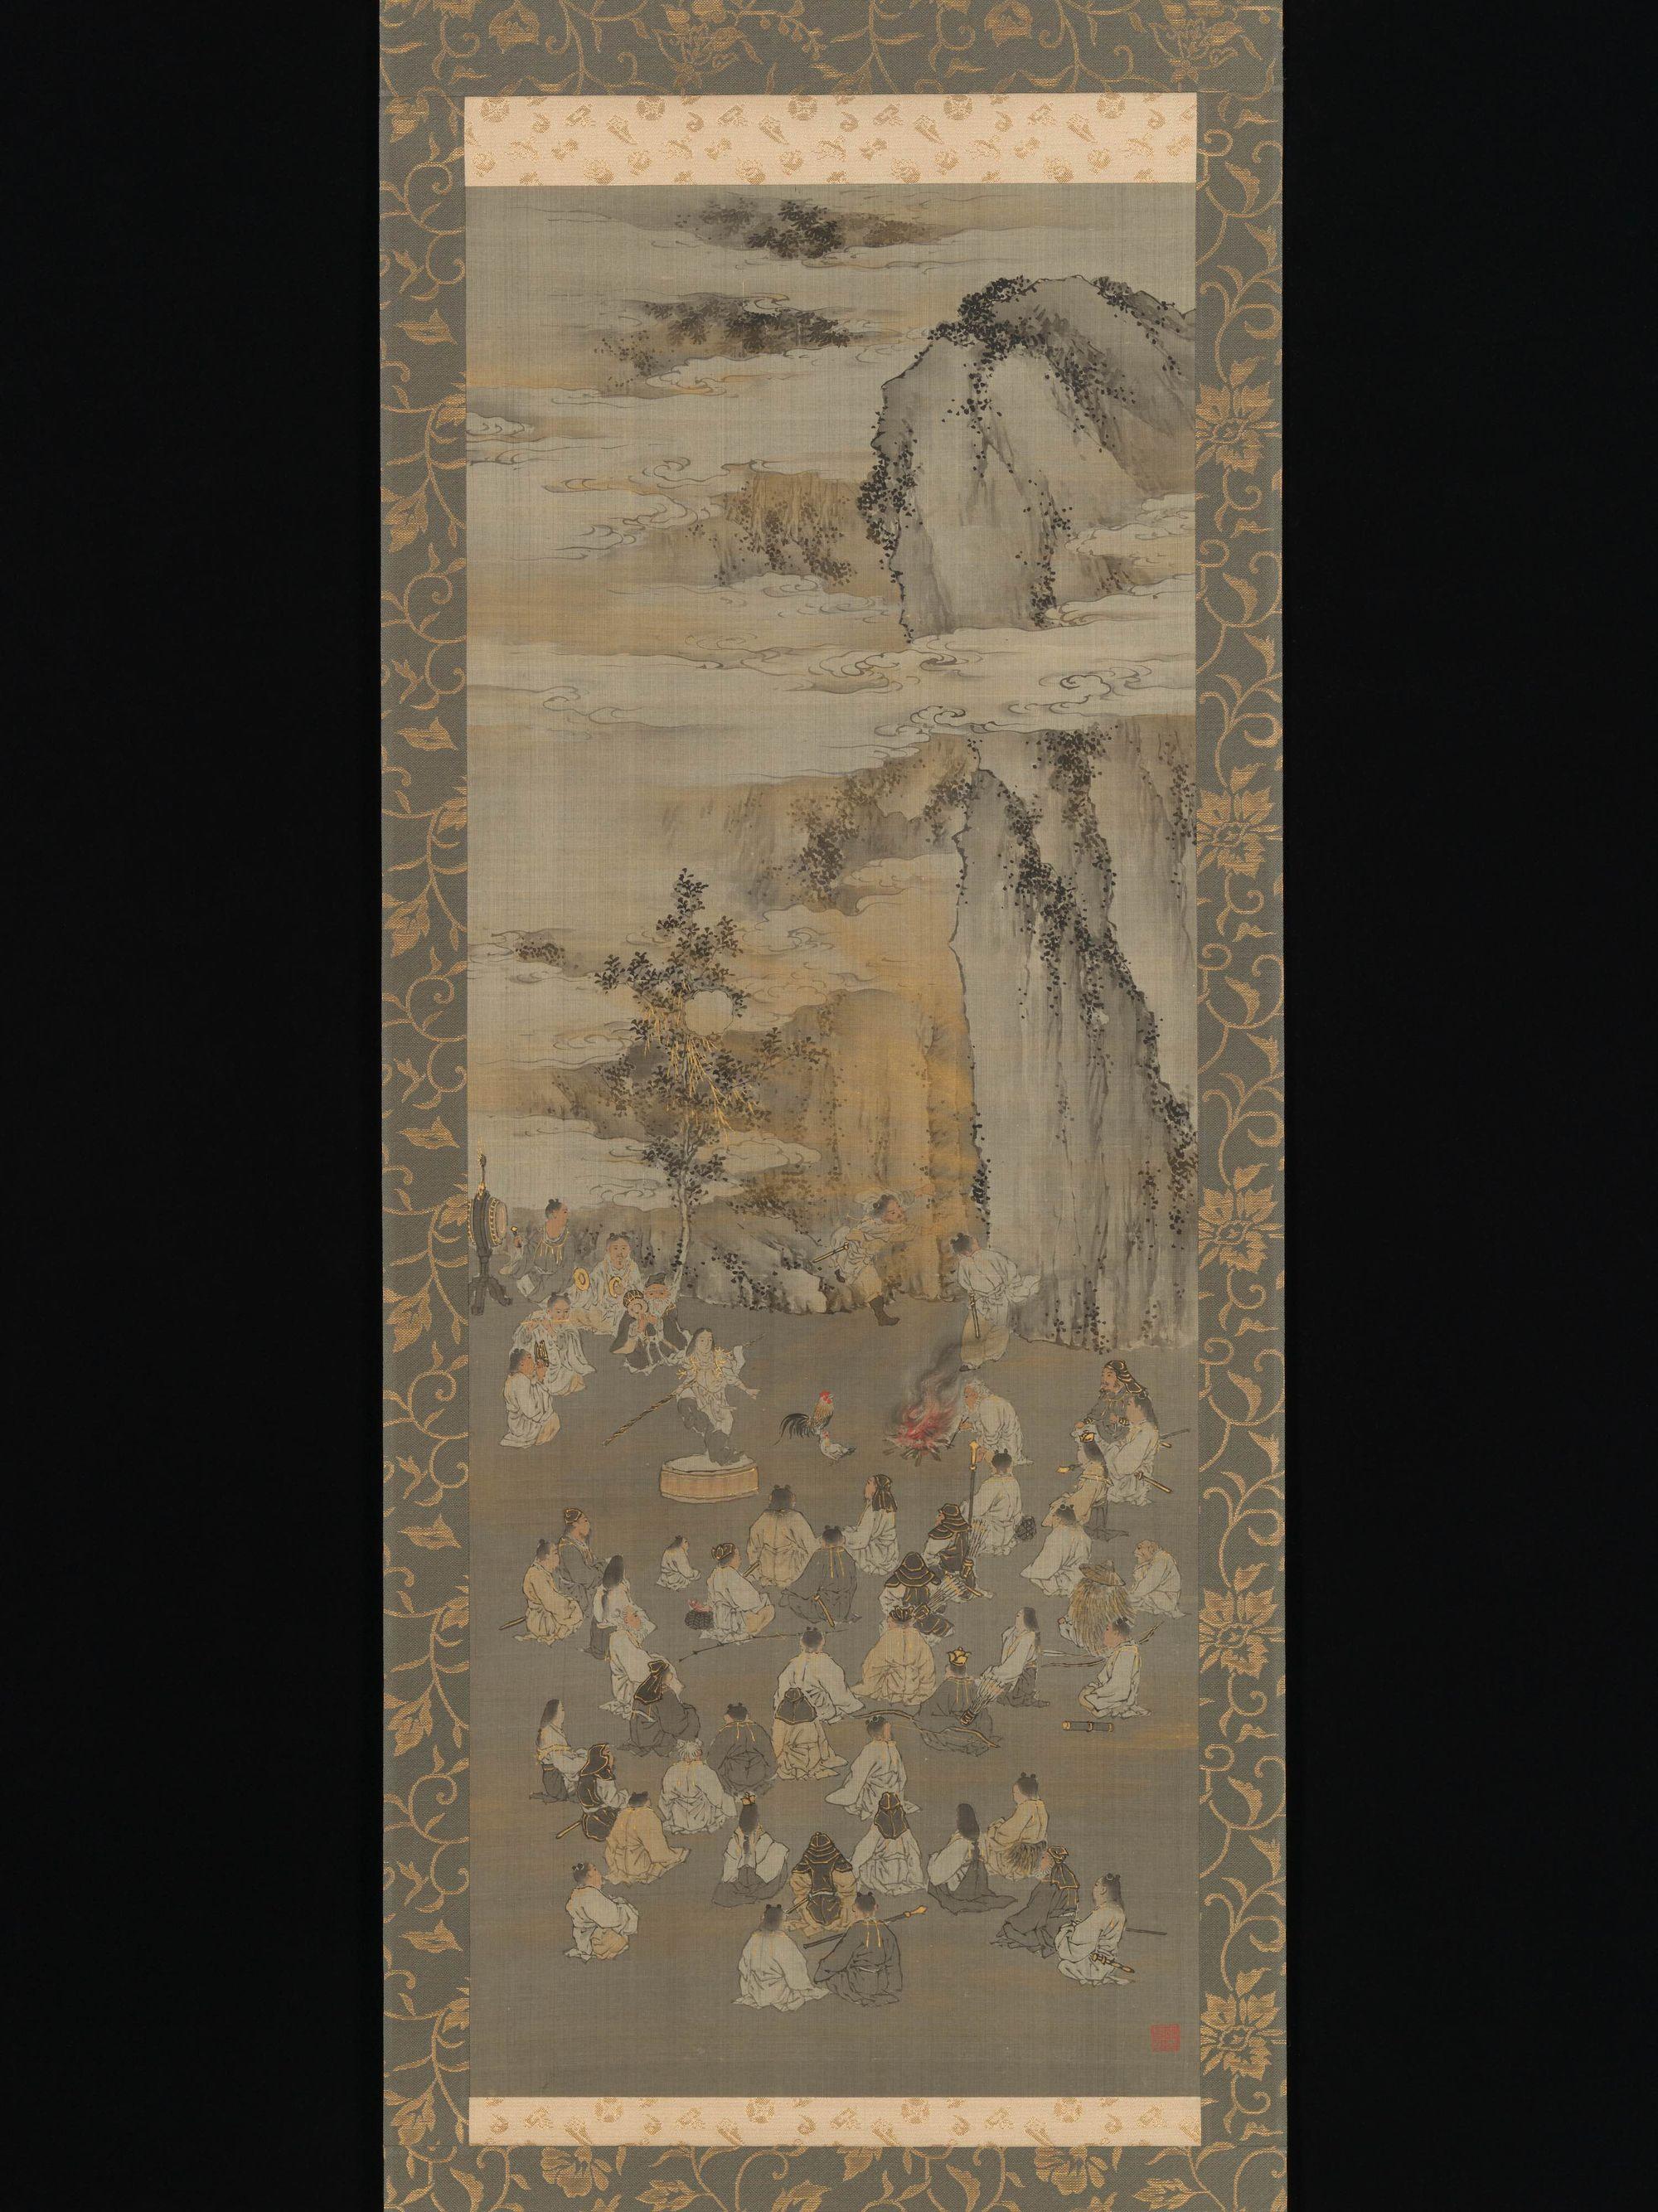 Atrayendo a la Diosa del Sol Amaterasu fuera de una cueva. Pintura de Koino Baire correspondiente al periodo Meiji.